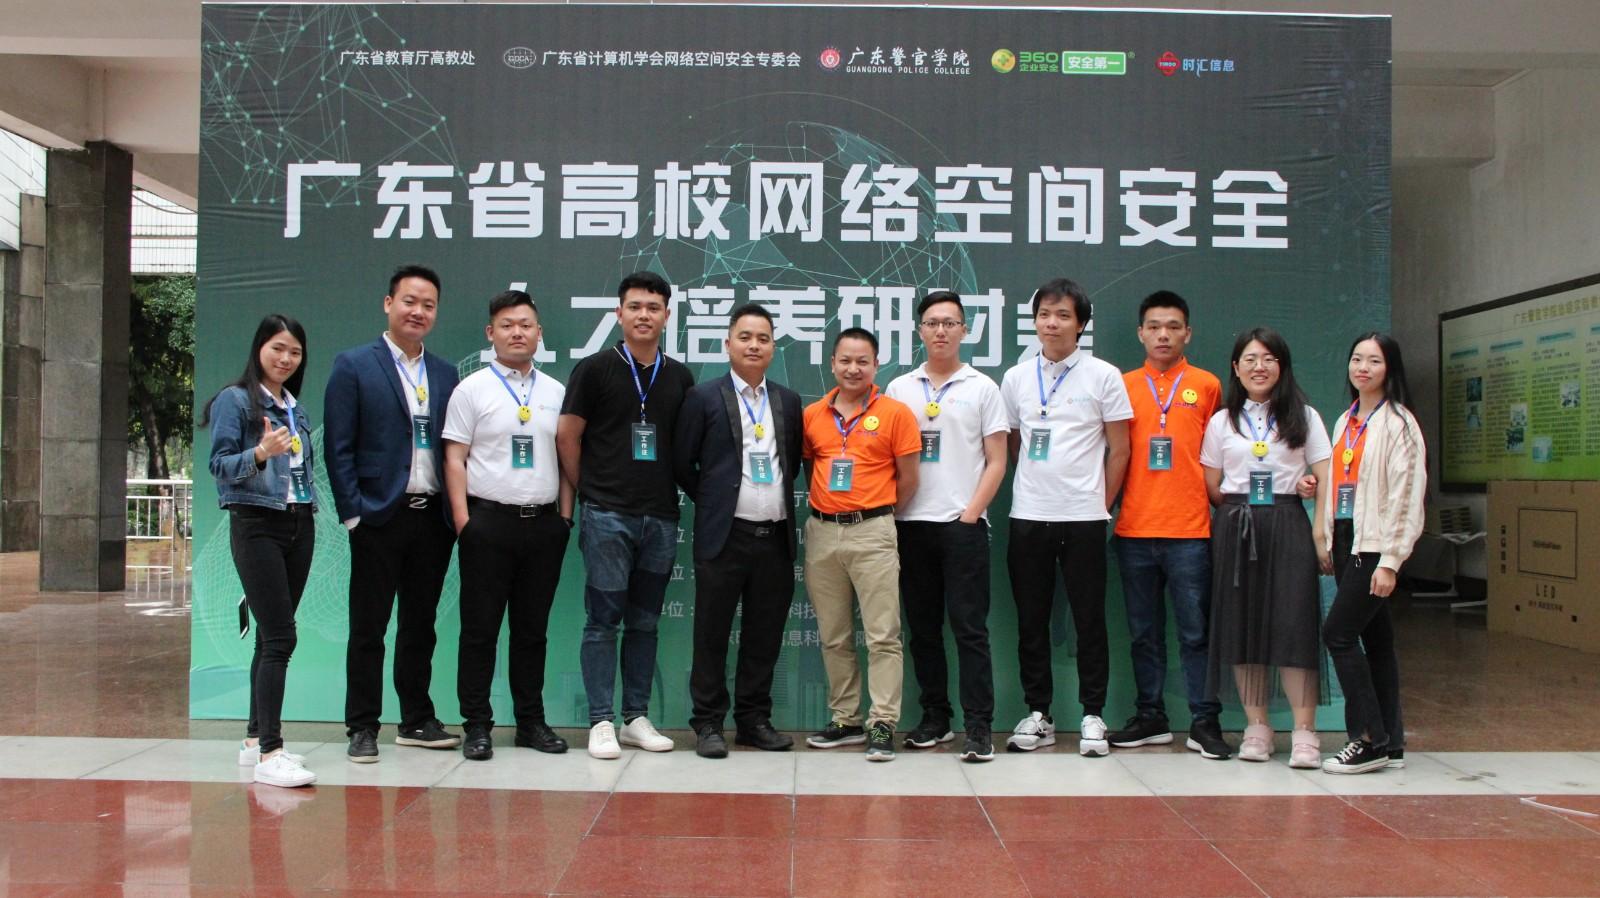 广东省高校网络空间安全人才培养研讨会